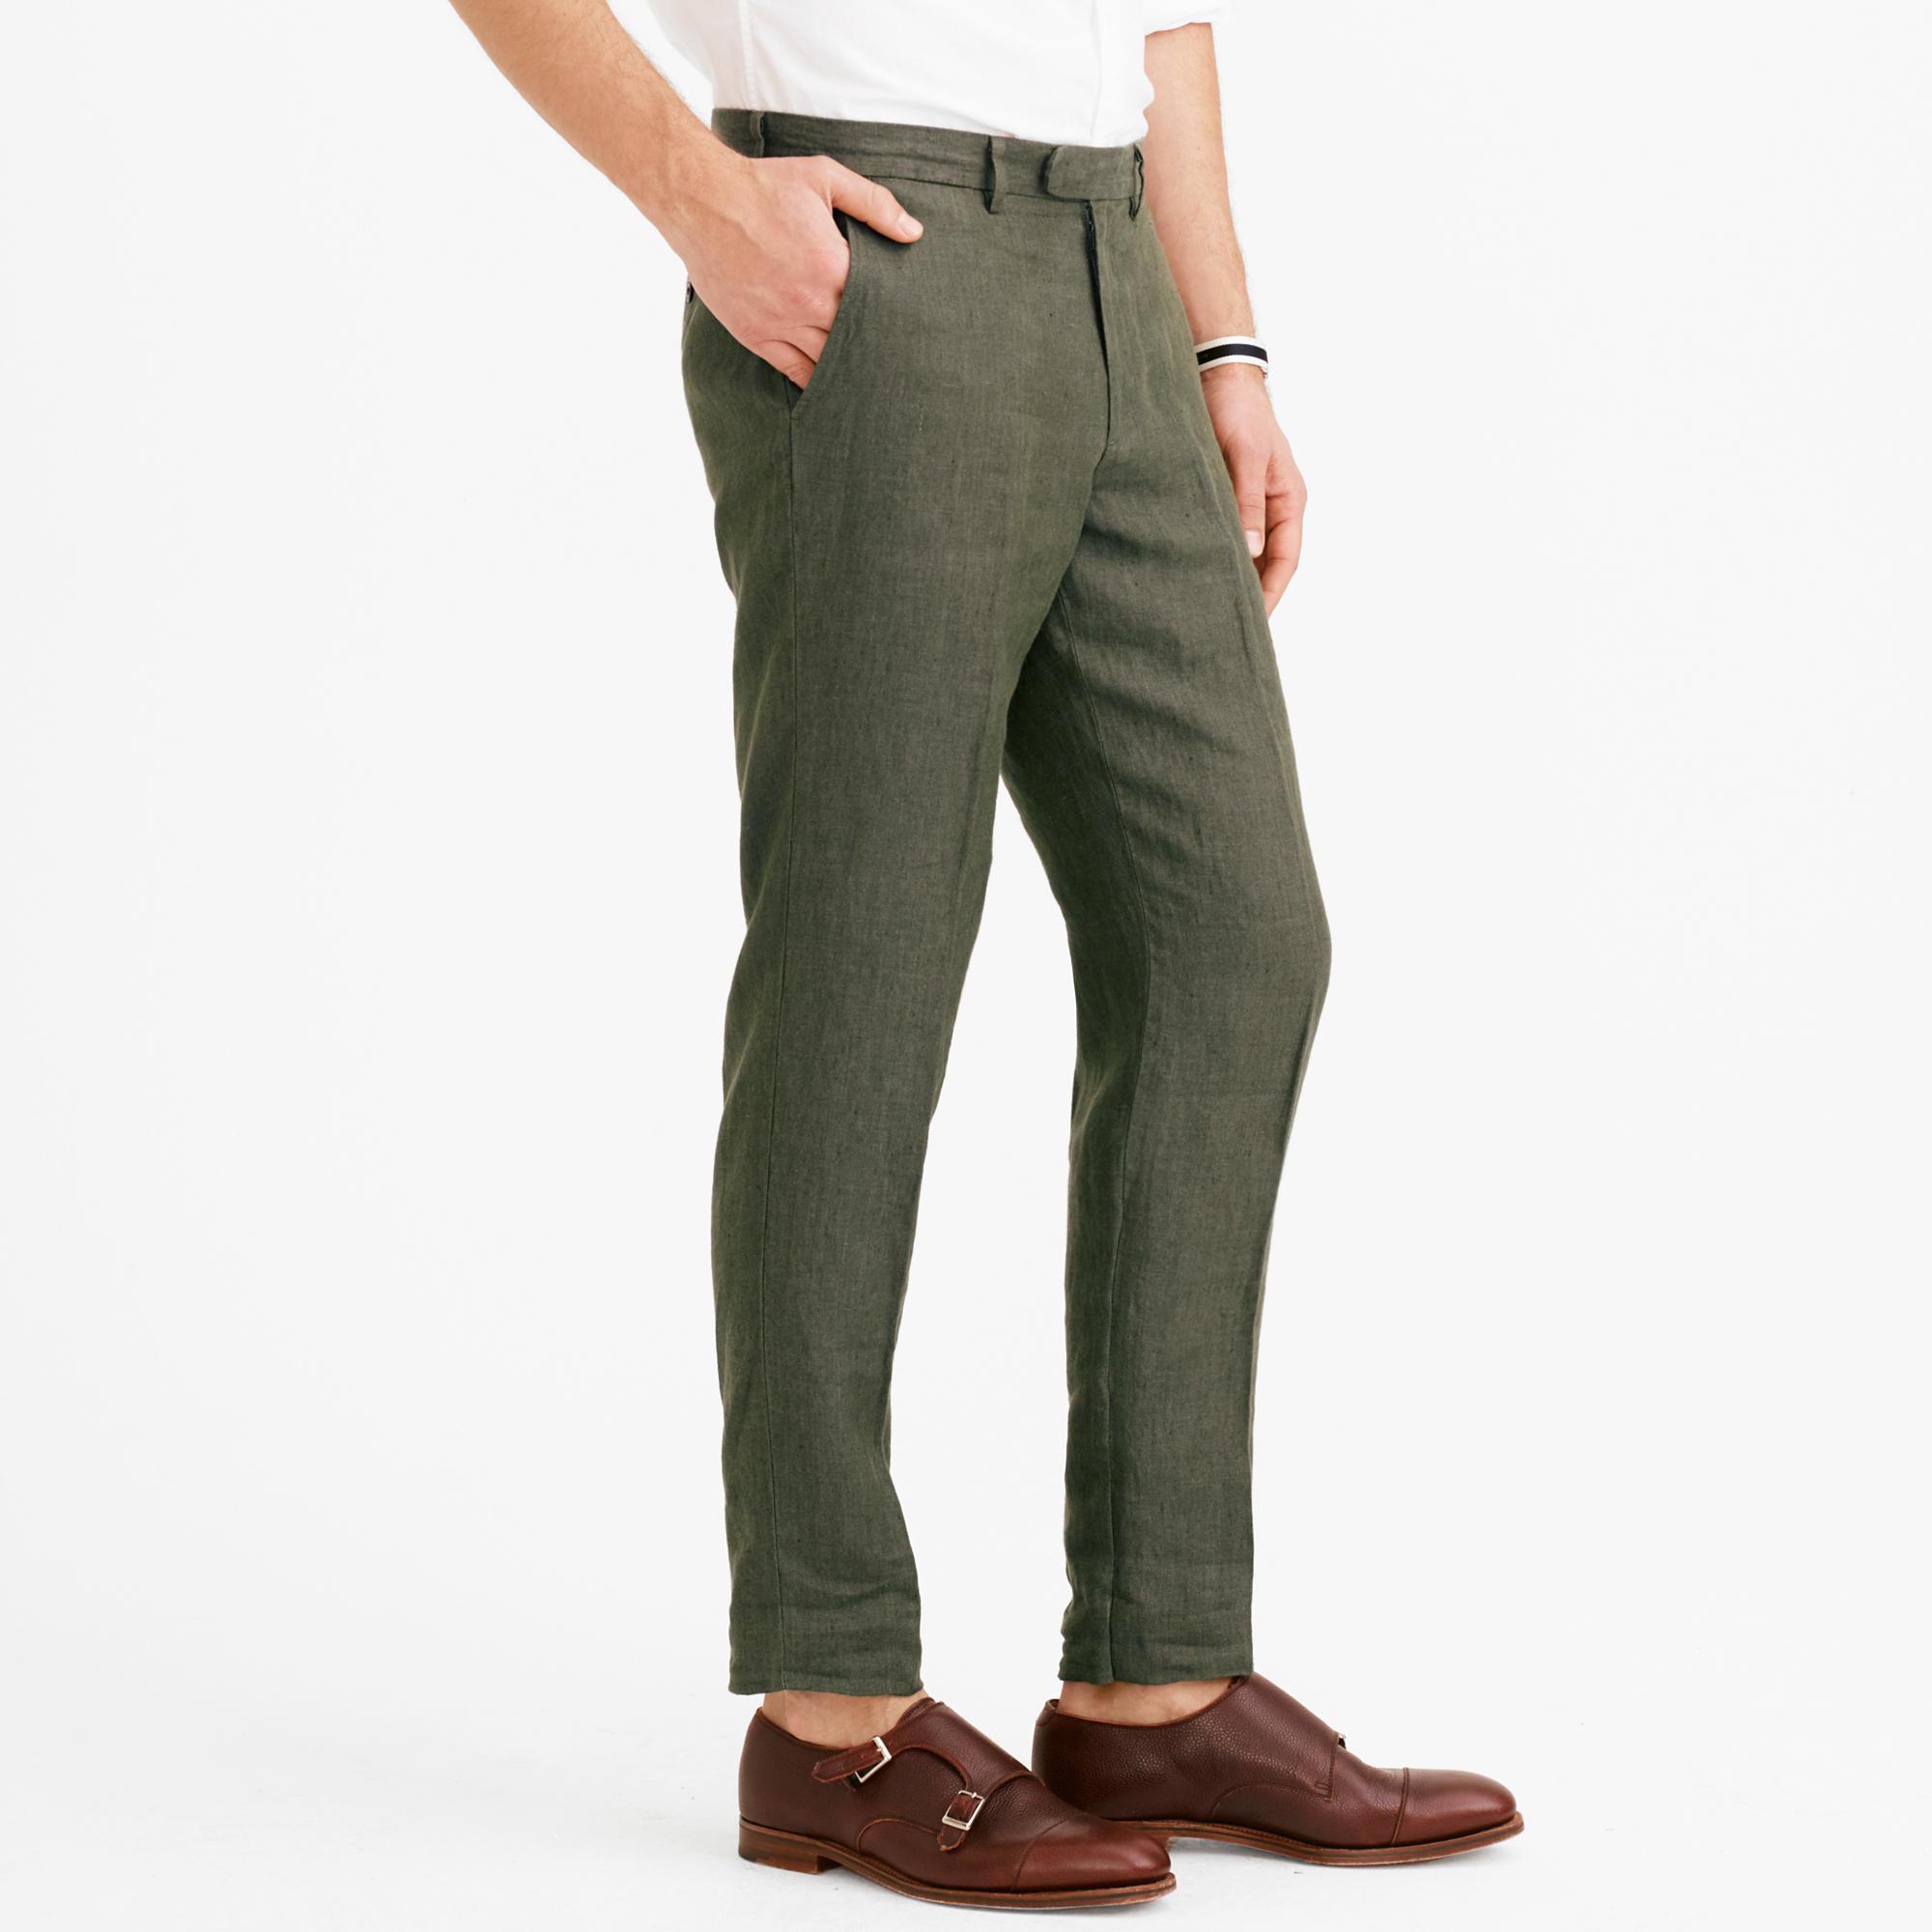 J.crew Bowery Slim Pant In Irish Linen Herringbone in Natural for ...